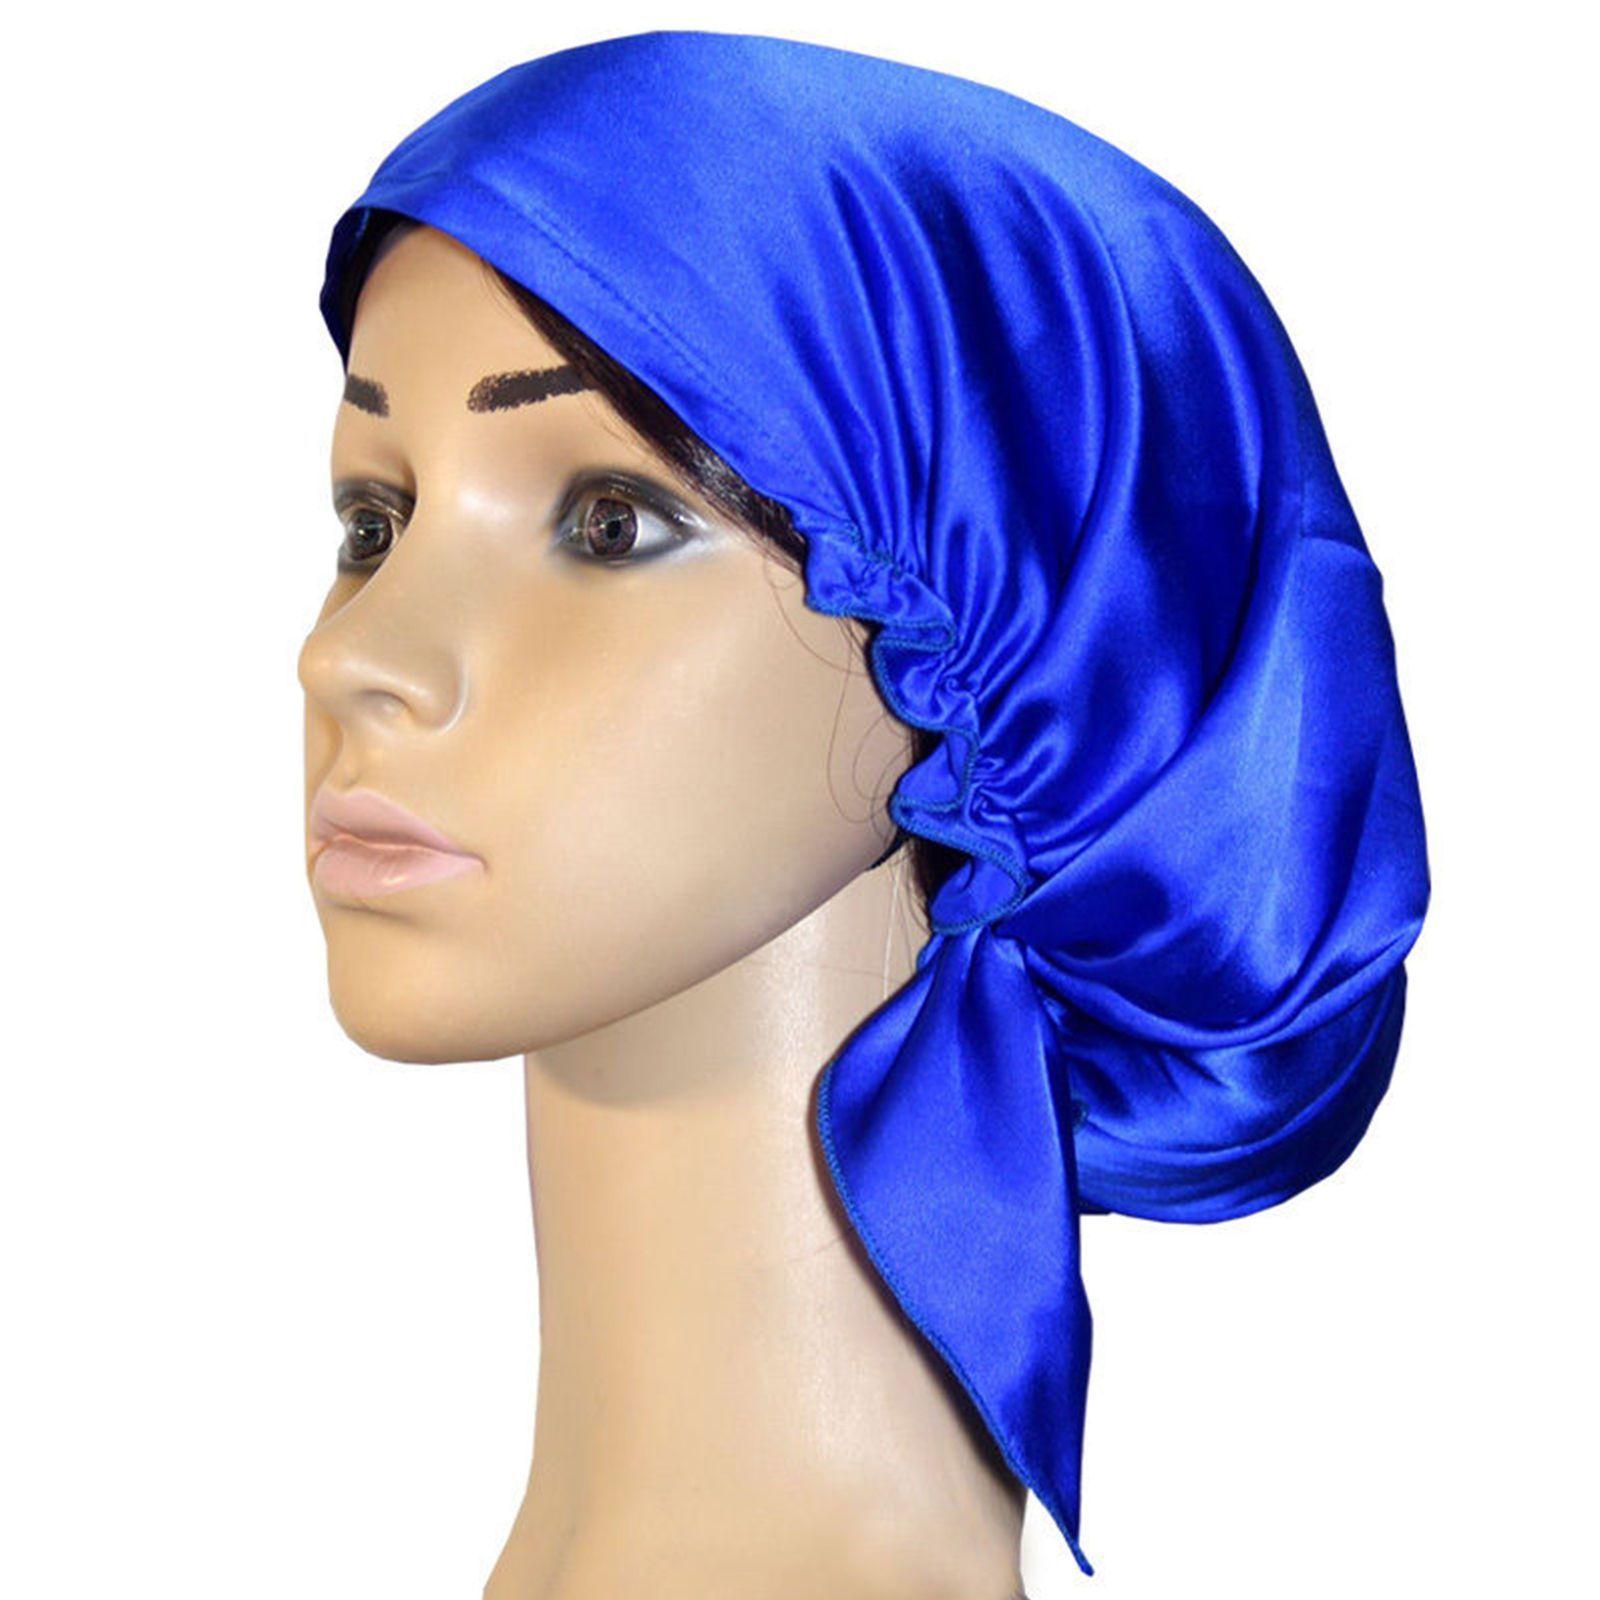 Women Silky Satin Sleeping Hair Wrap/ head cover/ scarf